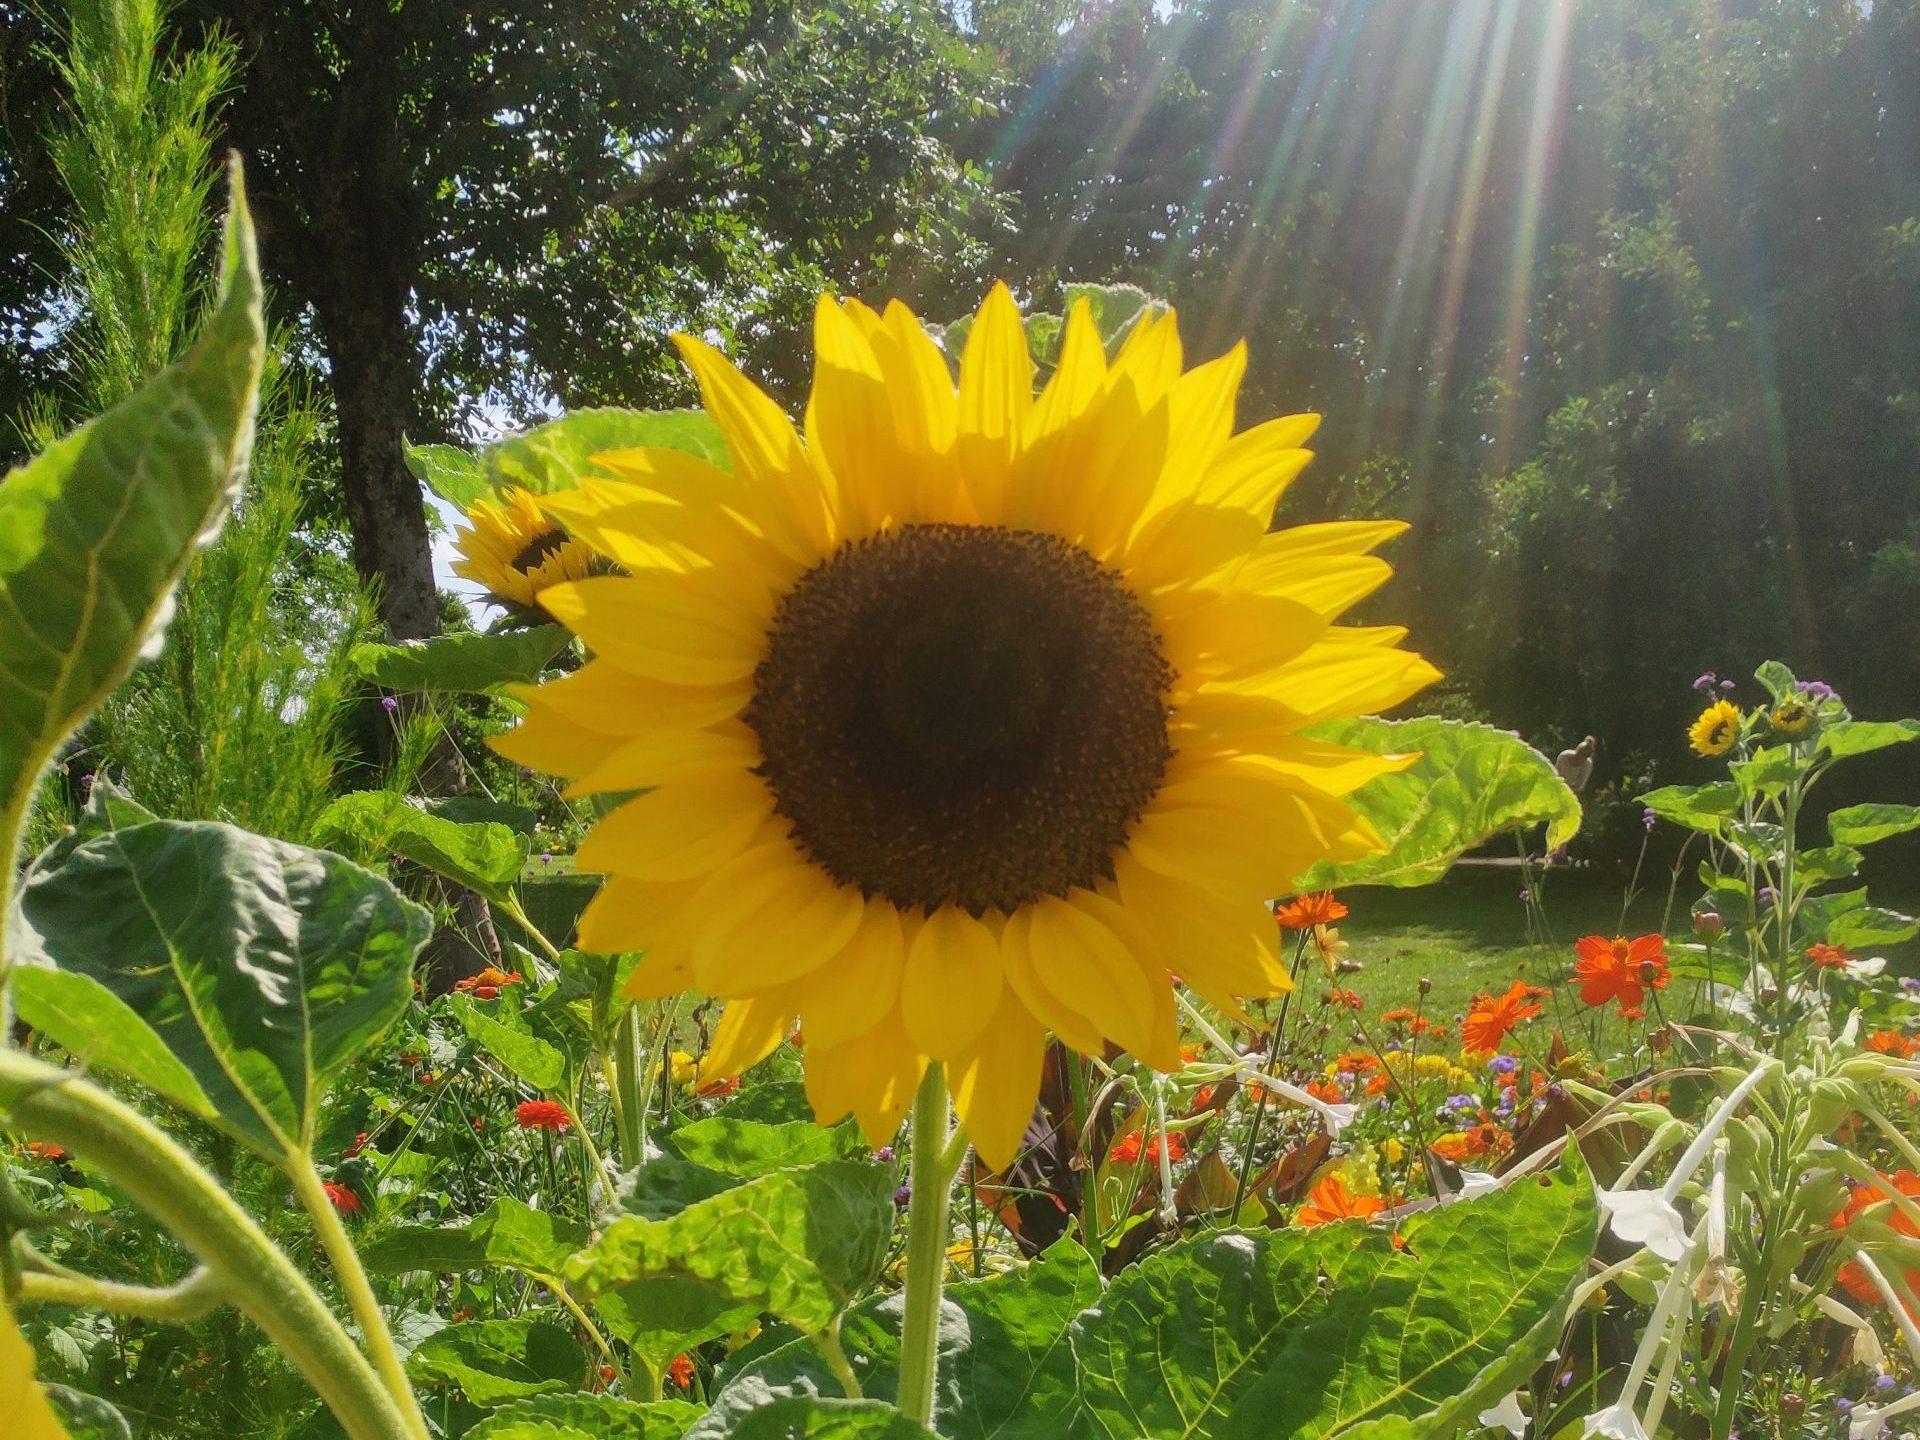 sunflower in munich garden